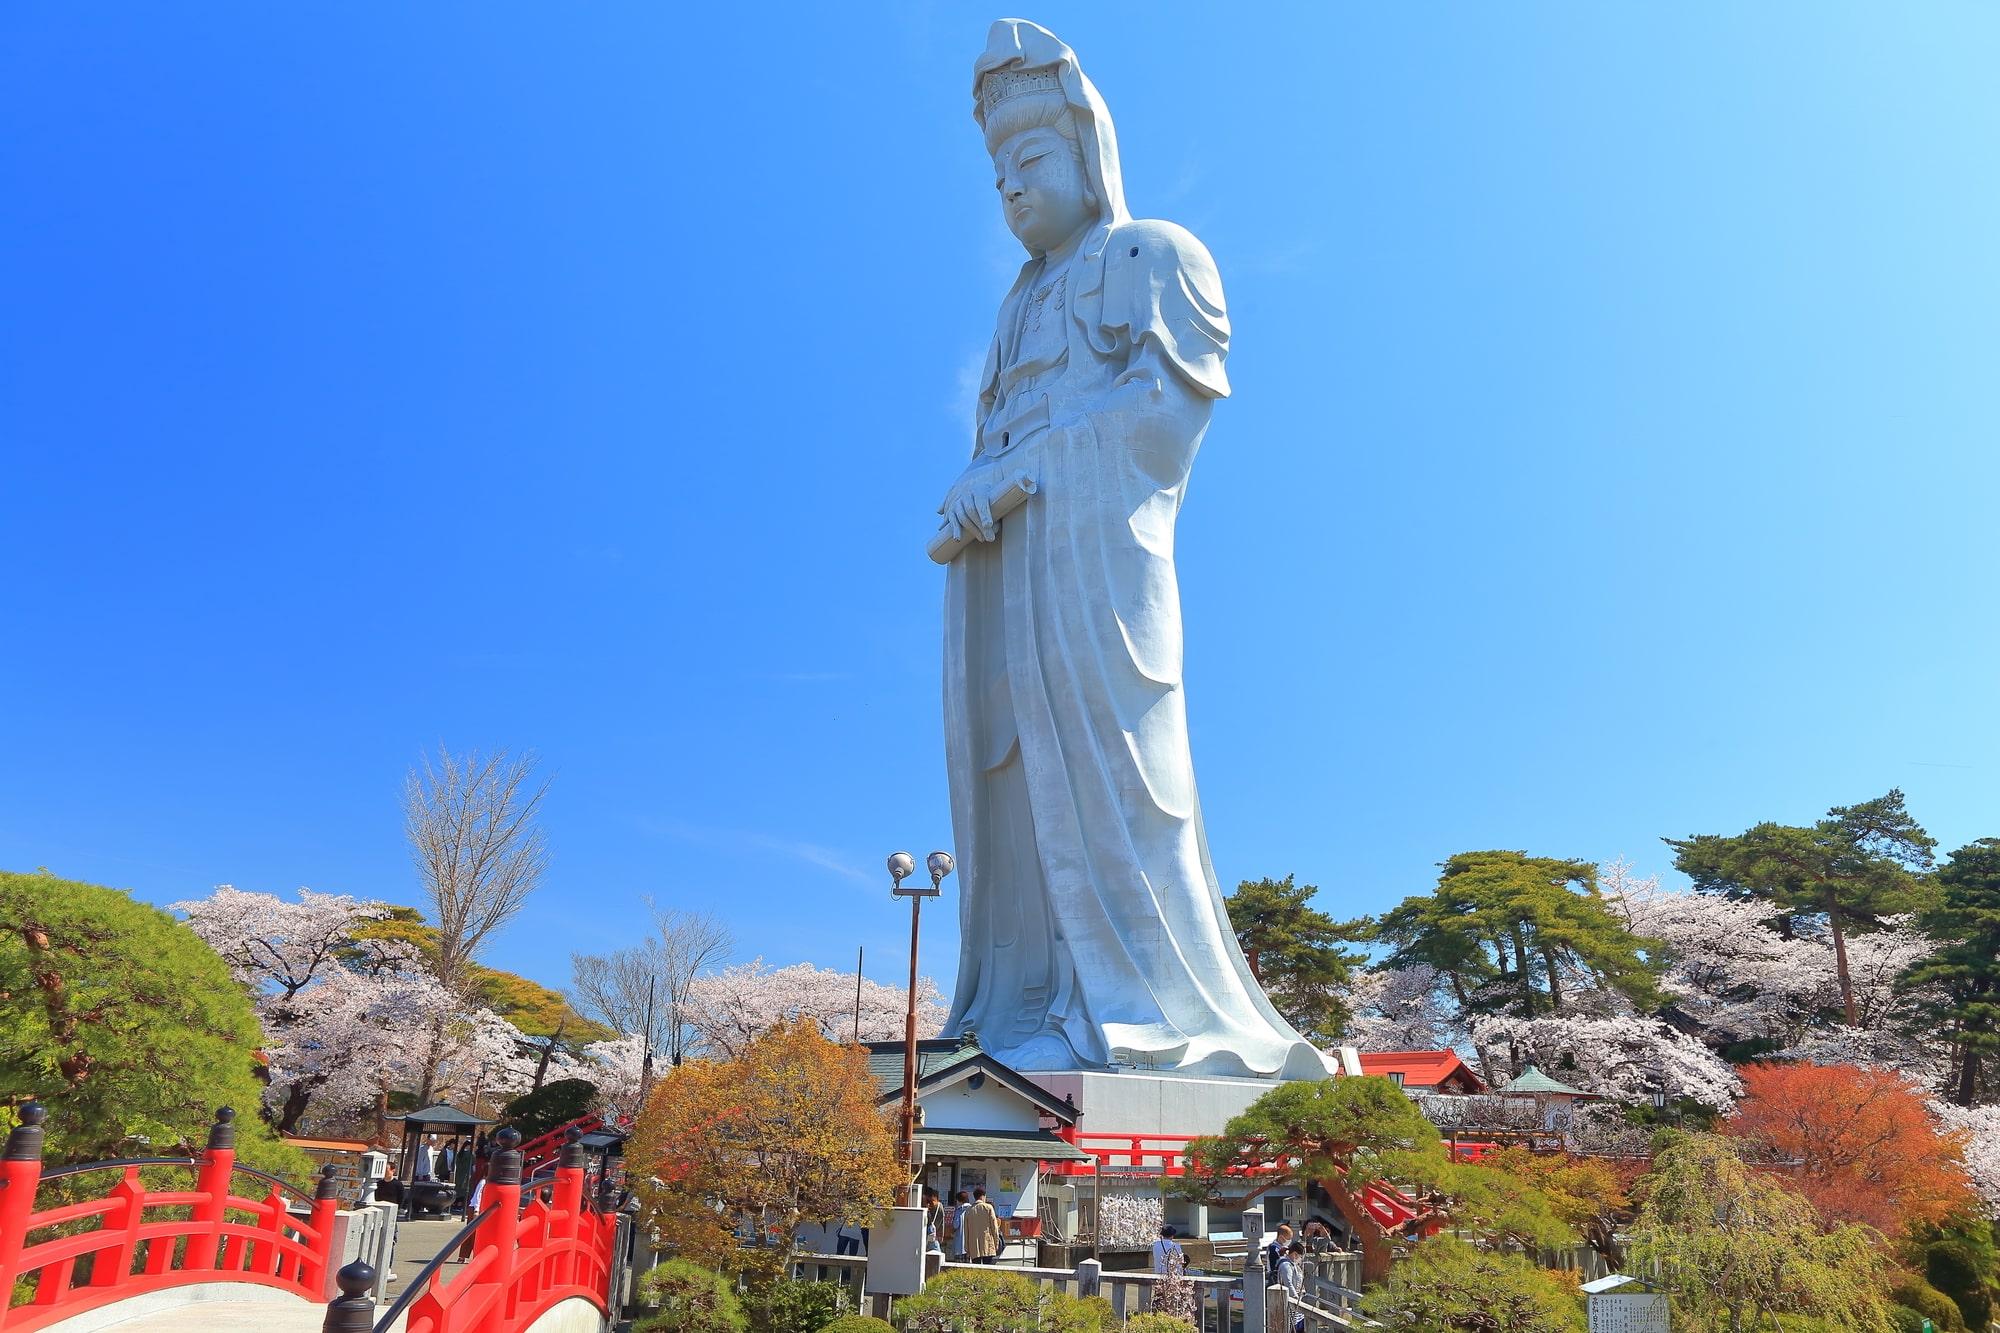 高崎観音山の上に立つ観音像